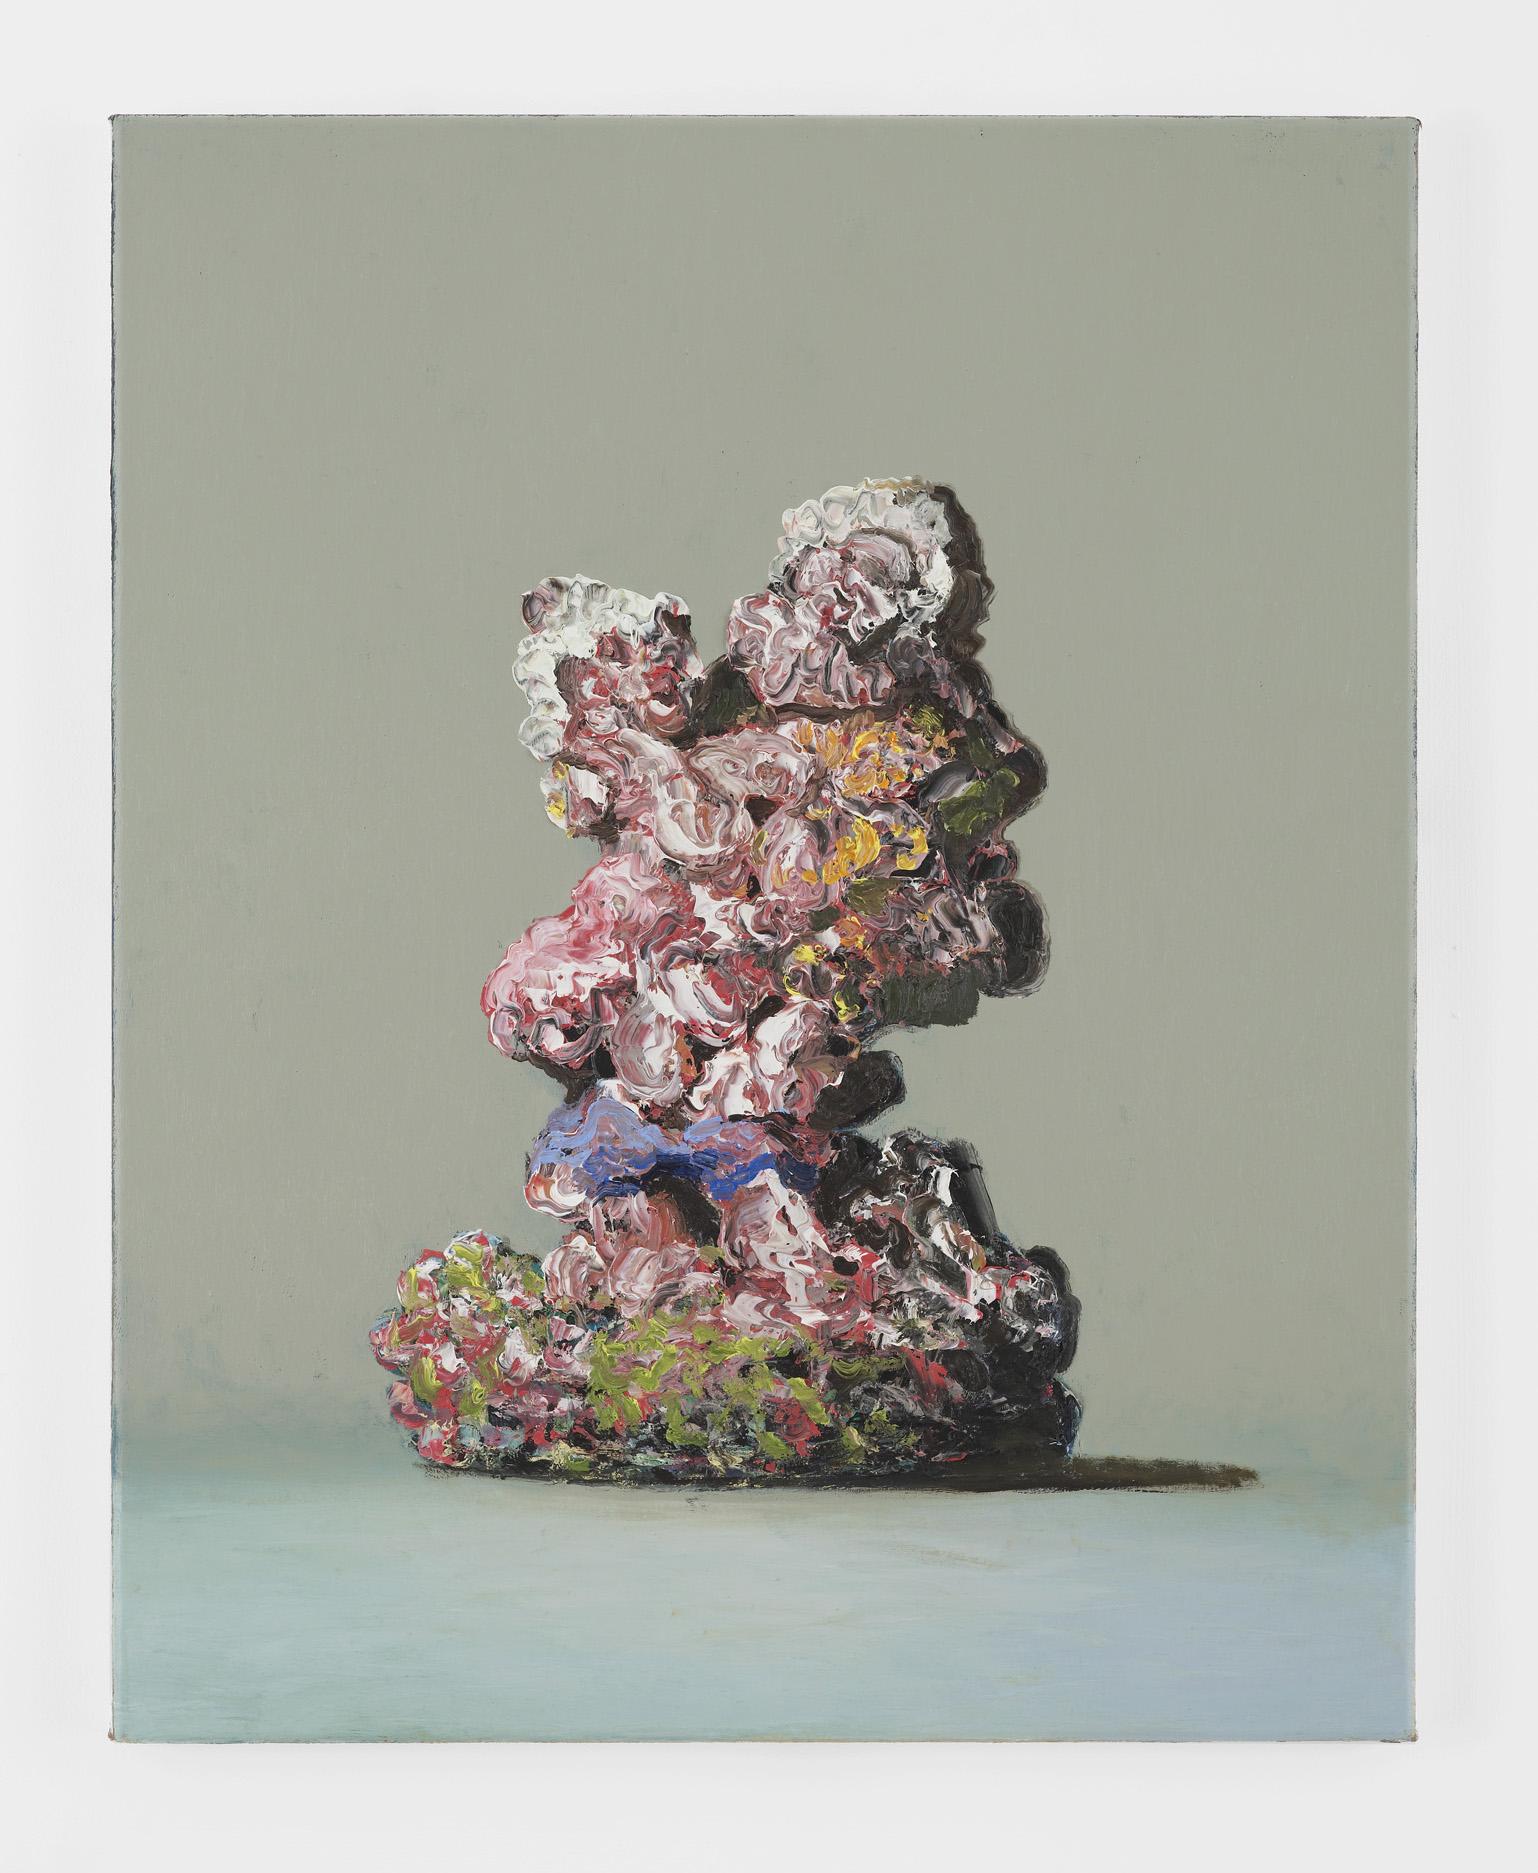 4 - Ivan Seal at Carl Freedman London